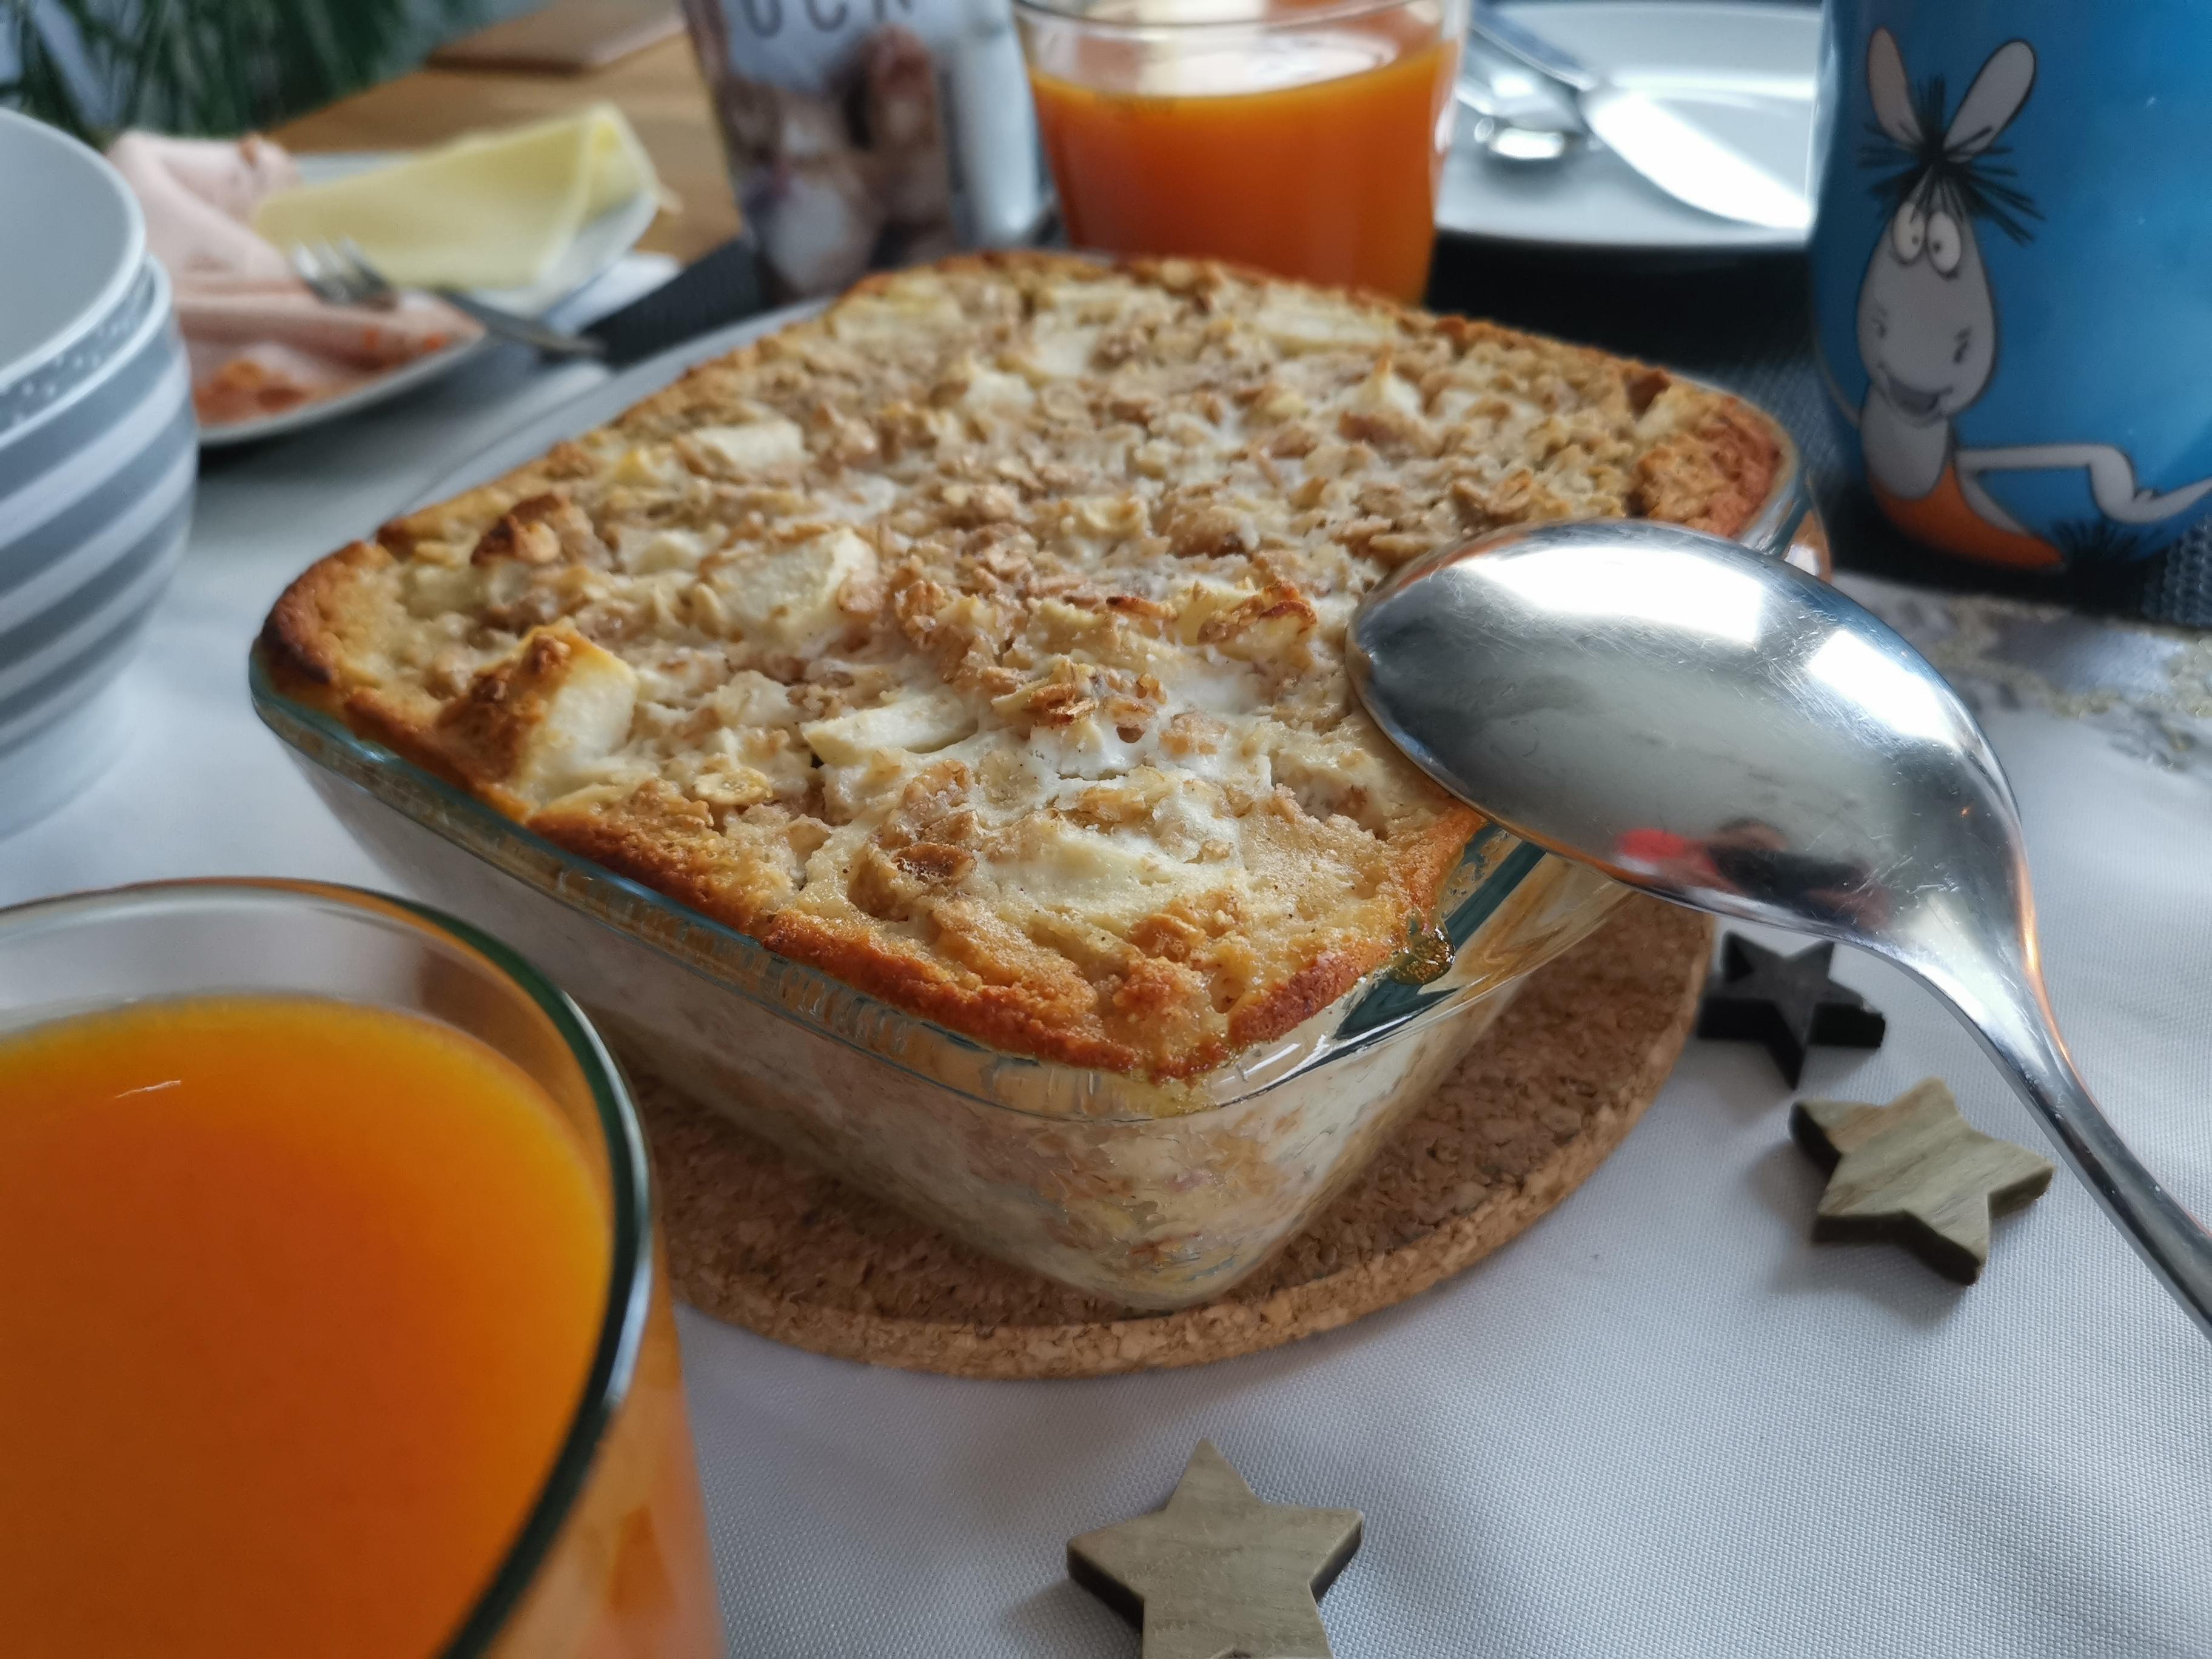 Frühstücksauflauf mit Birne und Banane